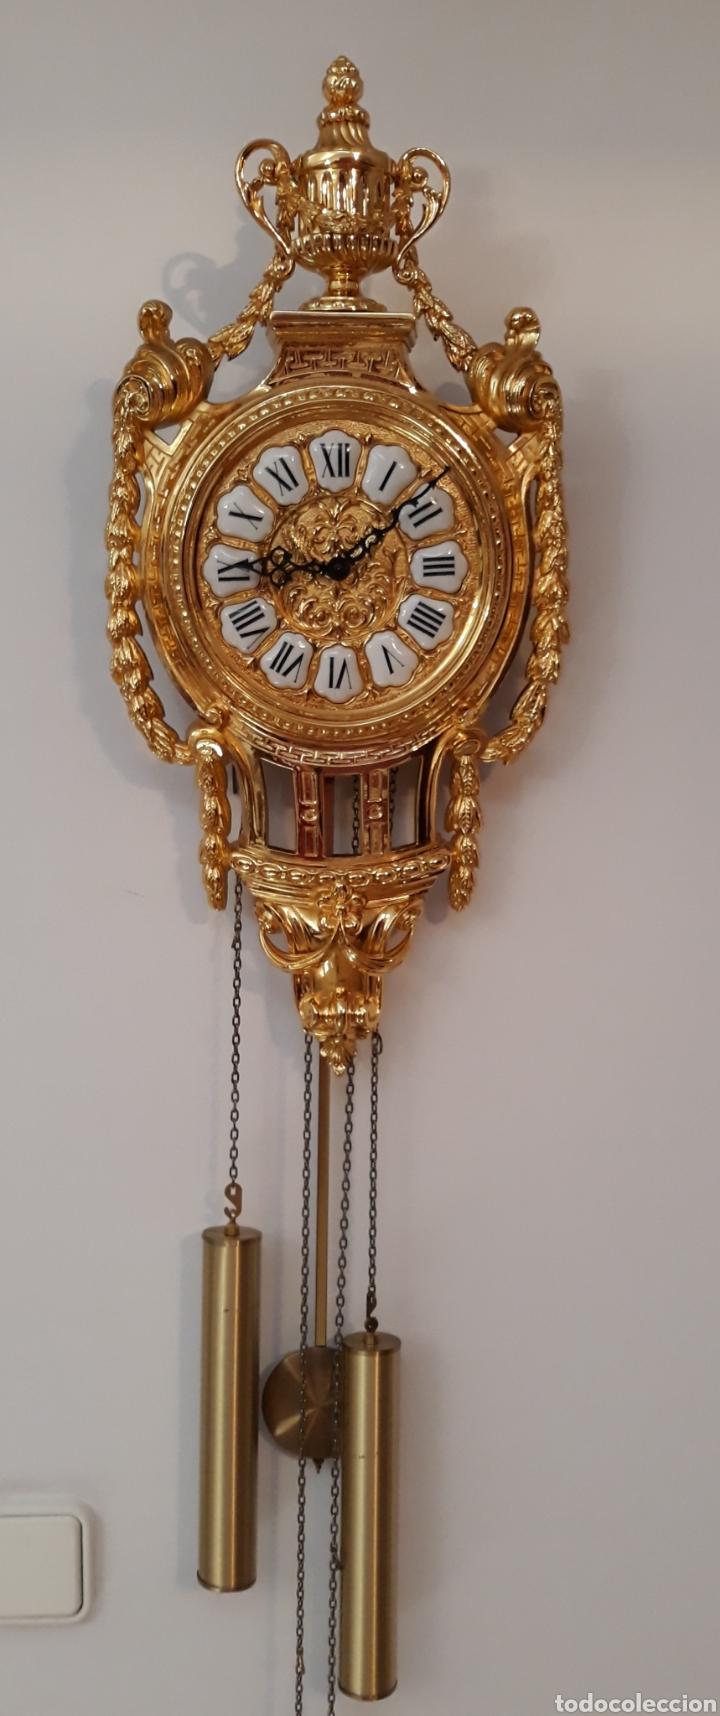 Relojes de pared: Espectacular reloj Soher de pared. - Foto 2 - 176774963